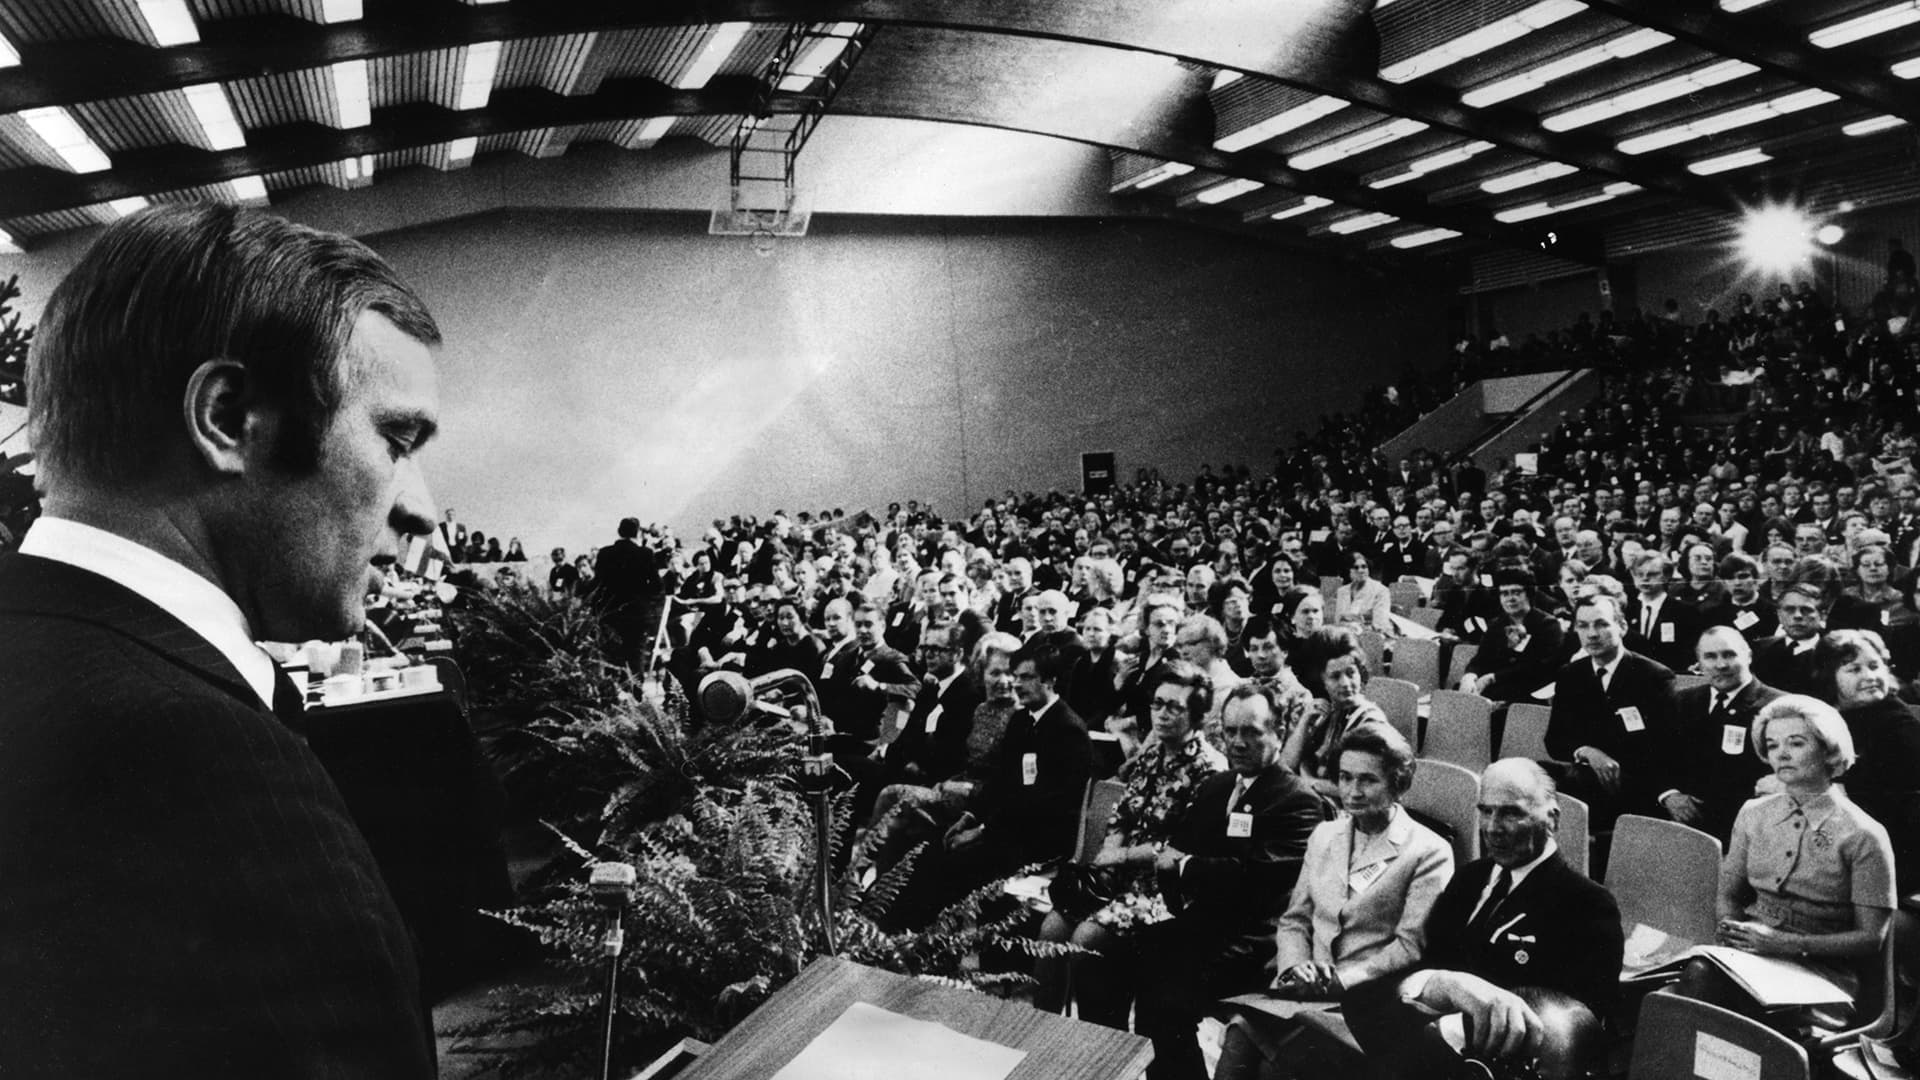 Yleiskuvaa kokoomuksen puoluekokouksesta vuodelta 1971.